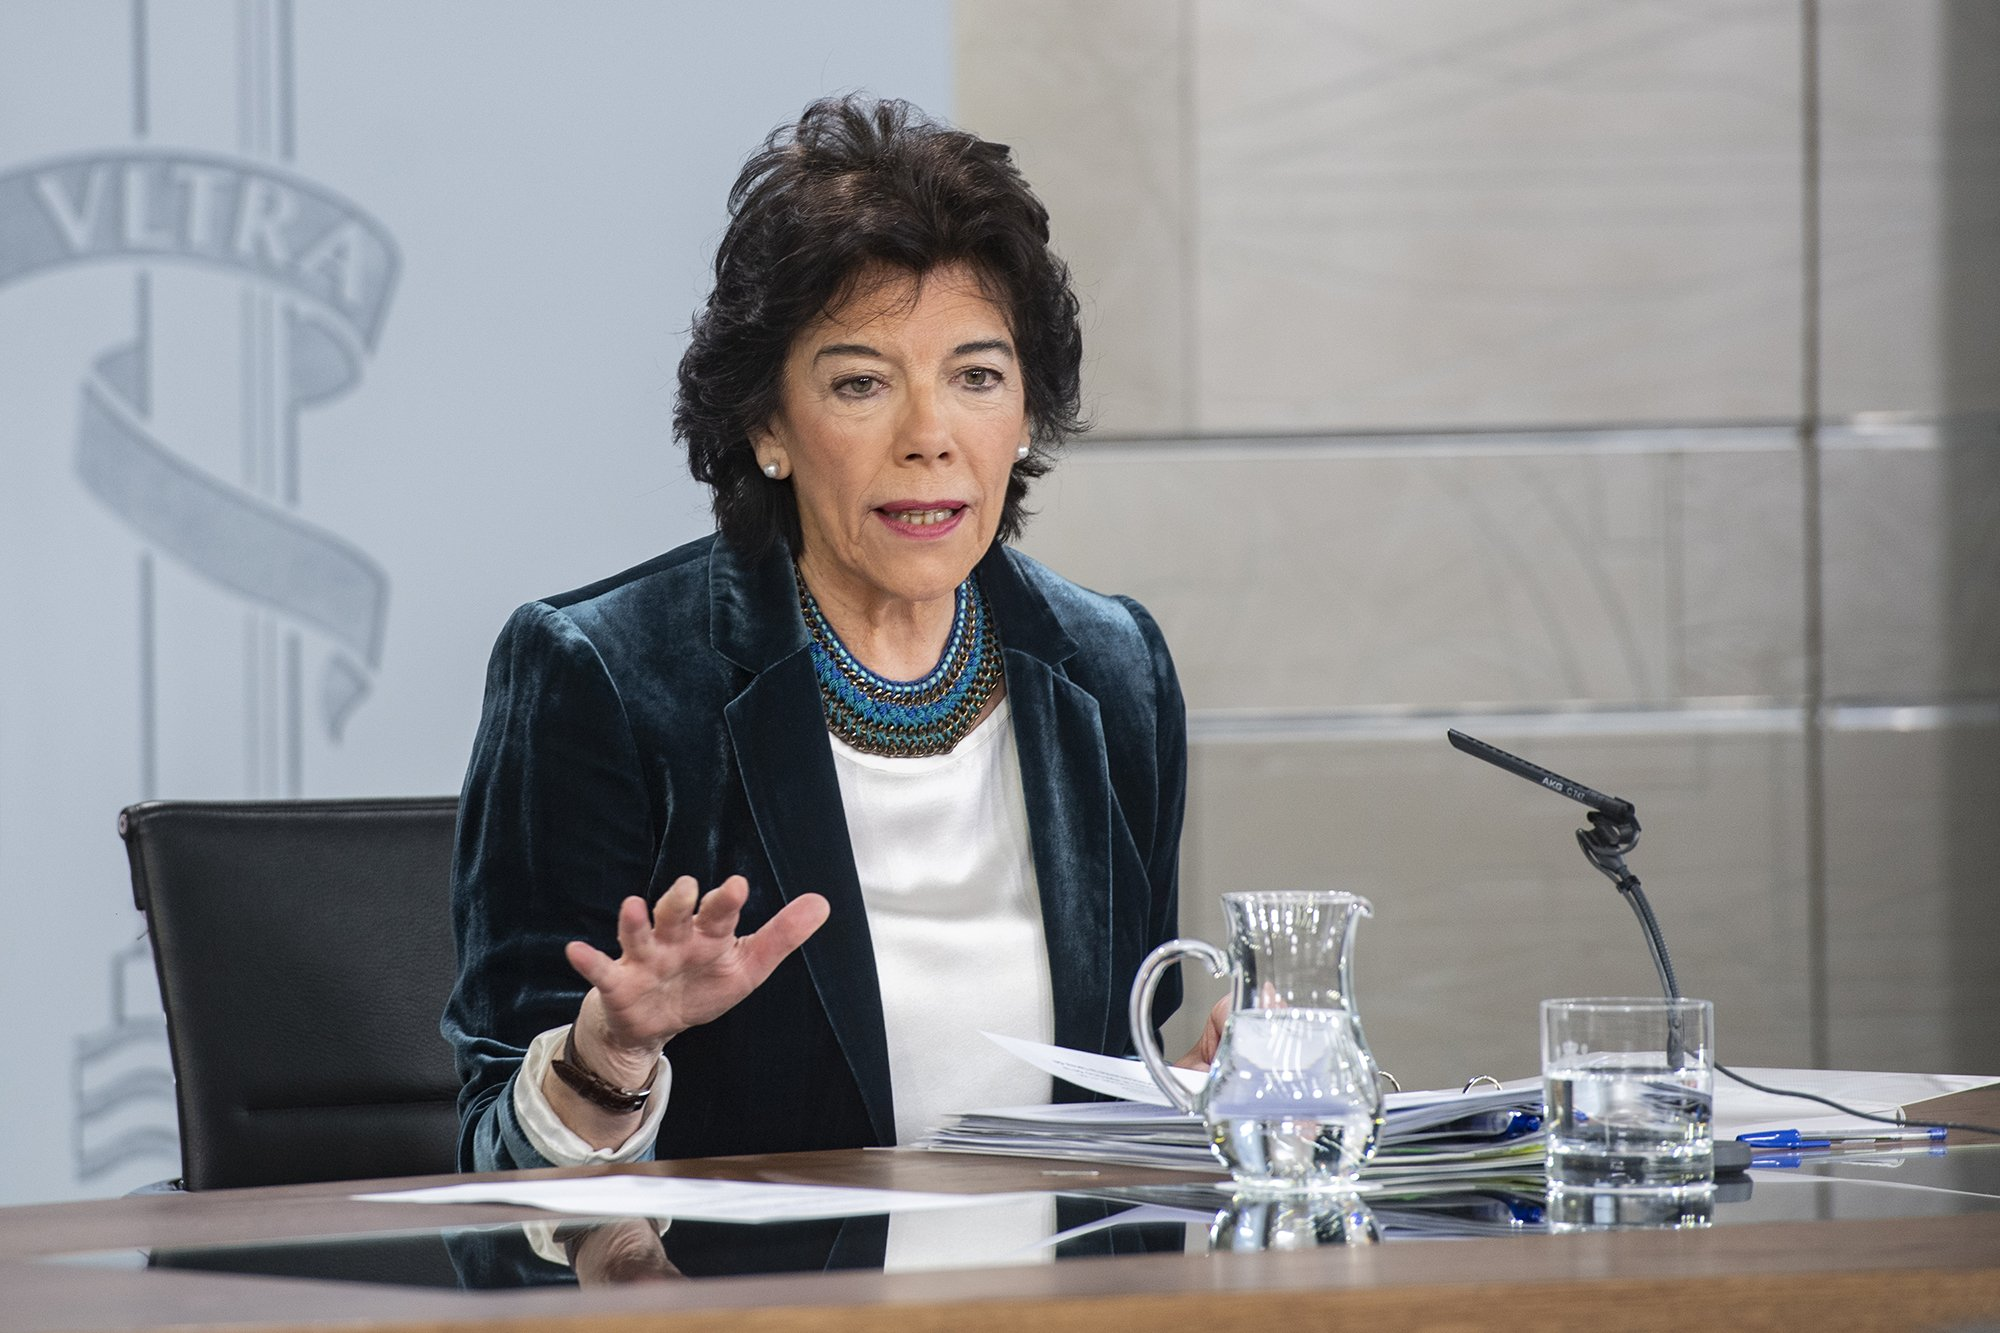 La ministra de Educación y Formación Profesional y portavoz del Gobierno en funciones, Isabel Celaá